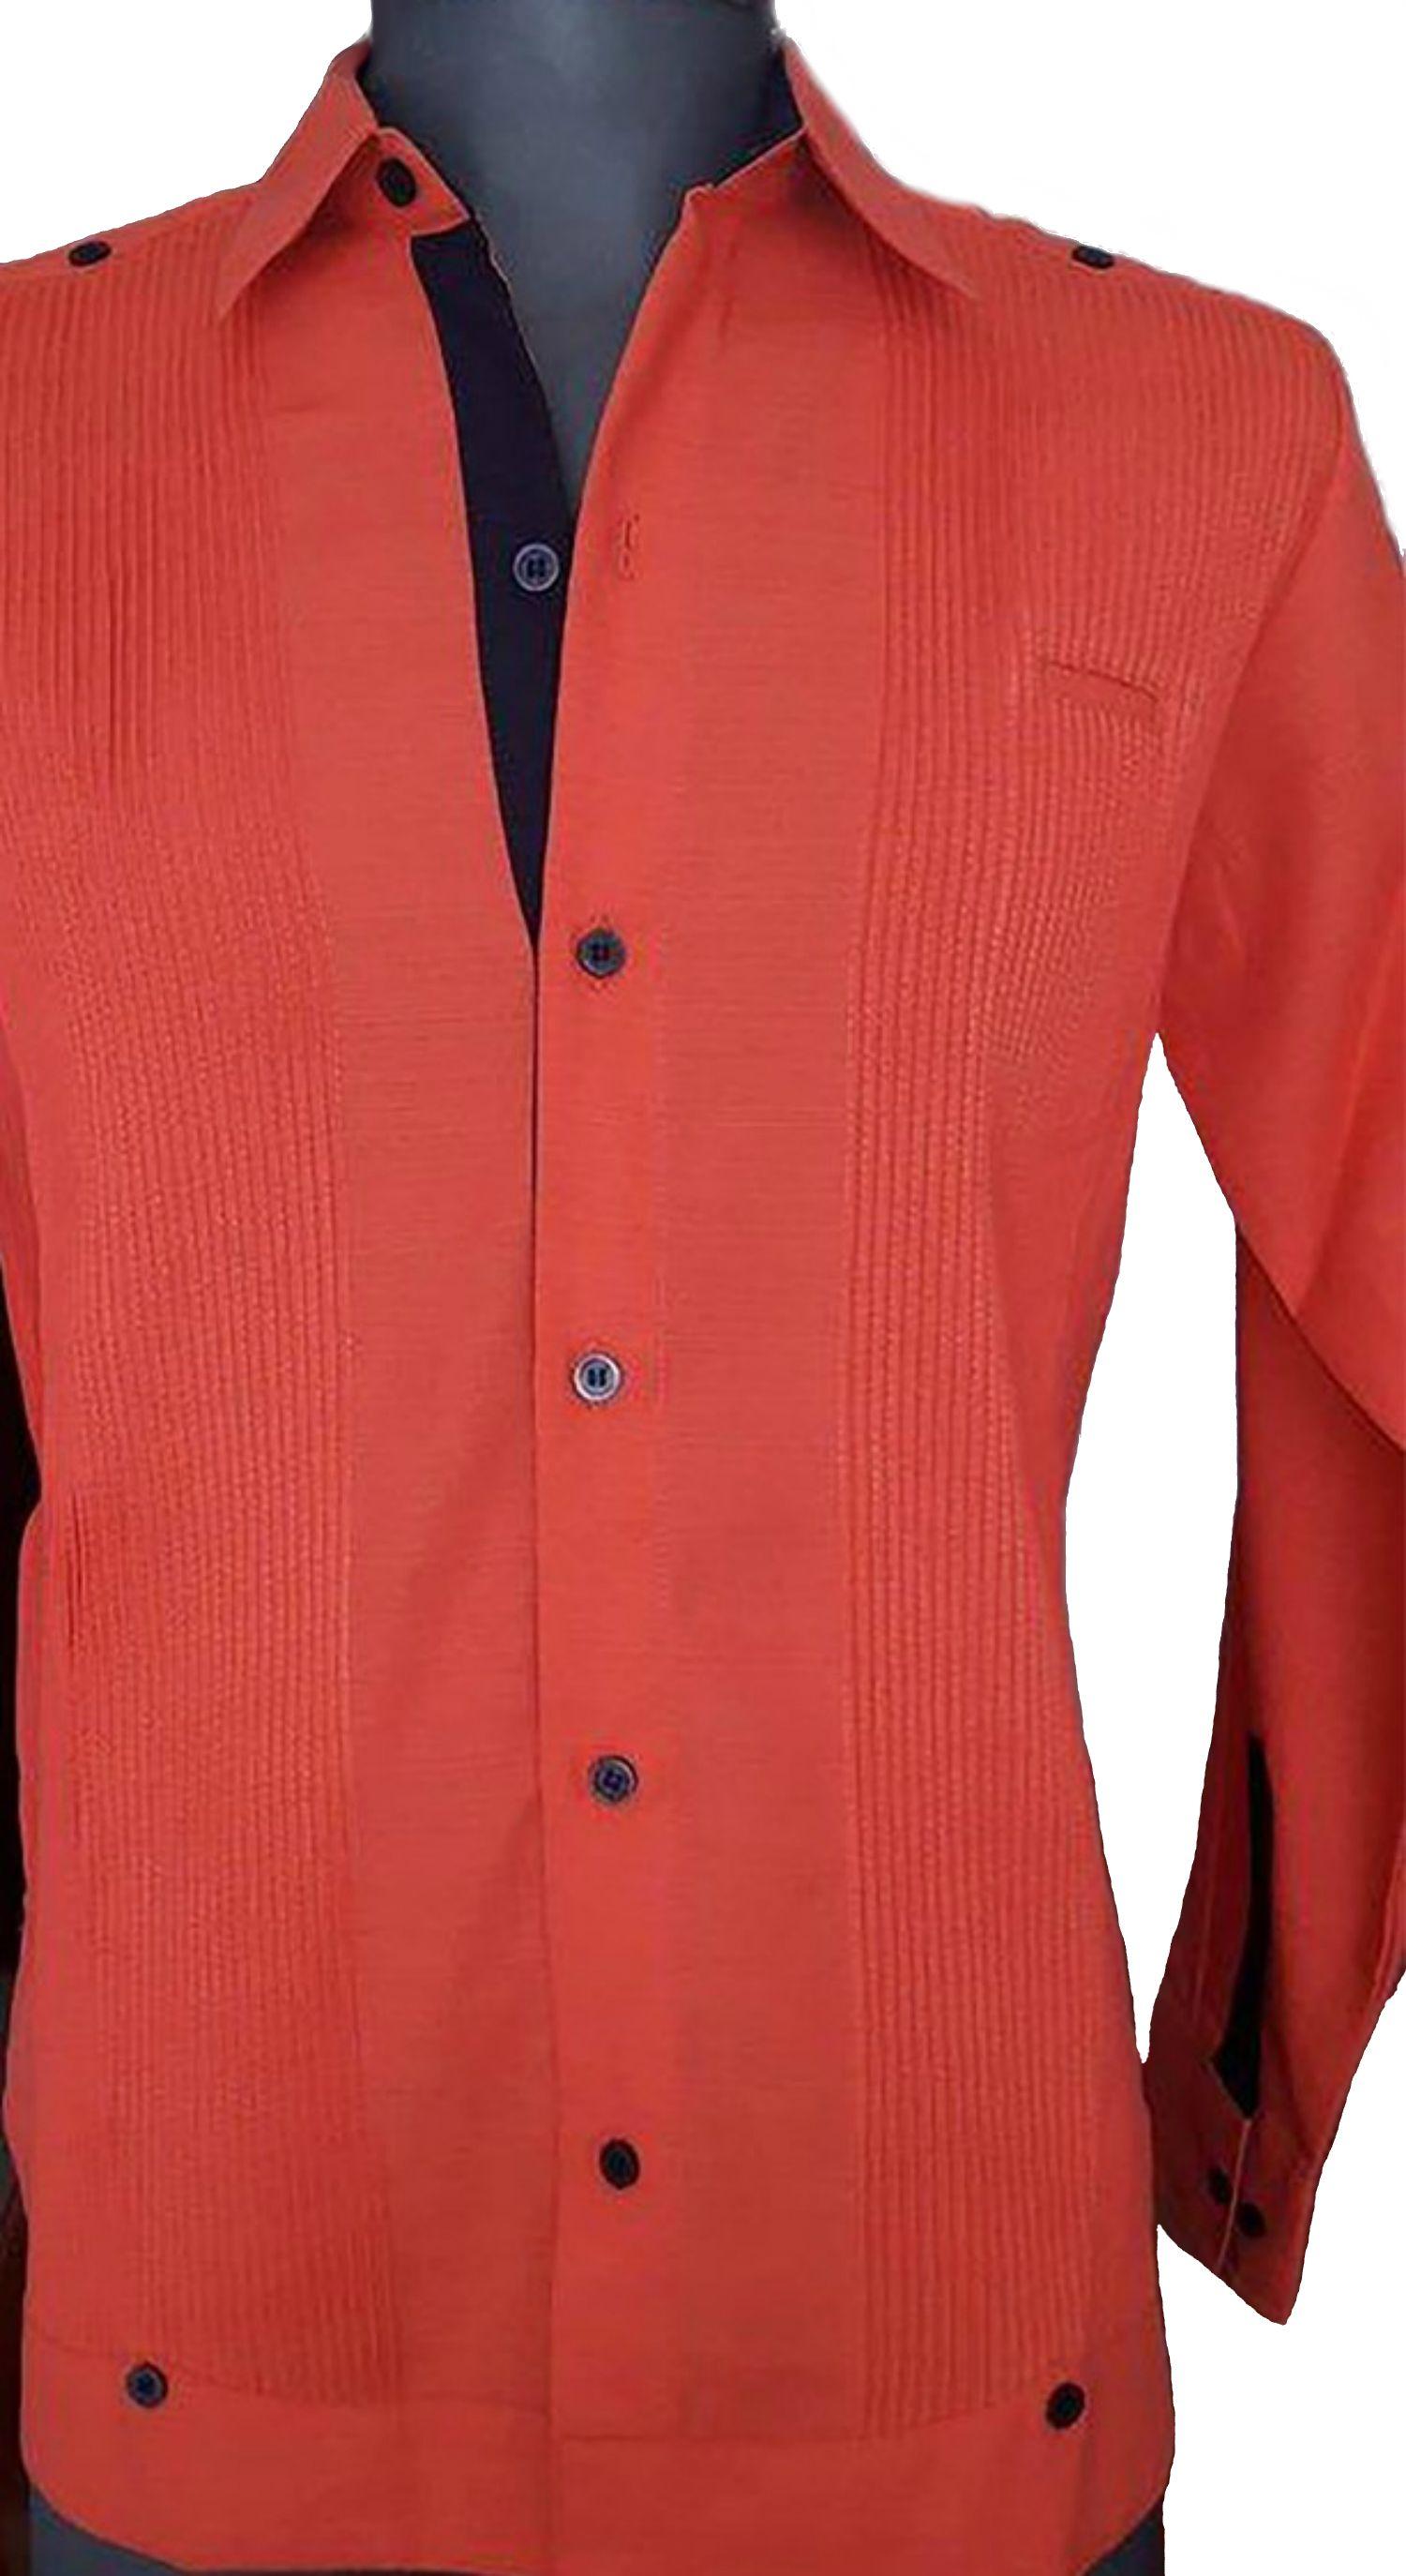 6edfcee065 Guayabera presidencial para caballero combinado en color Salmon y Azul  Marino